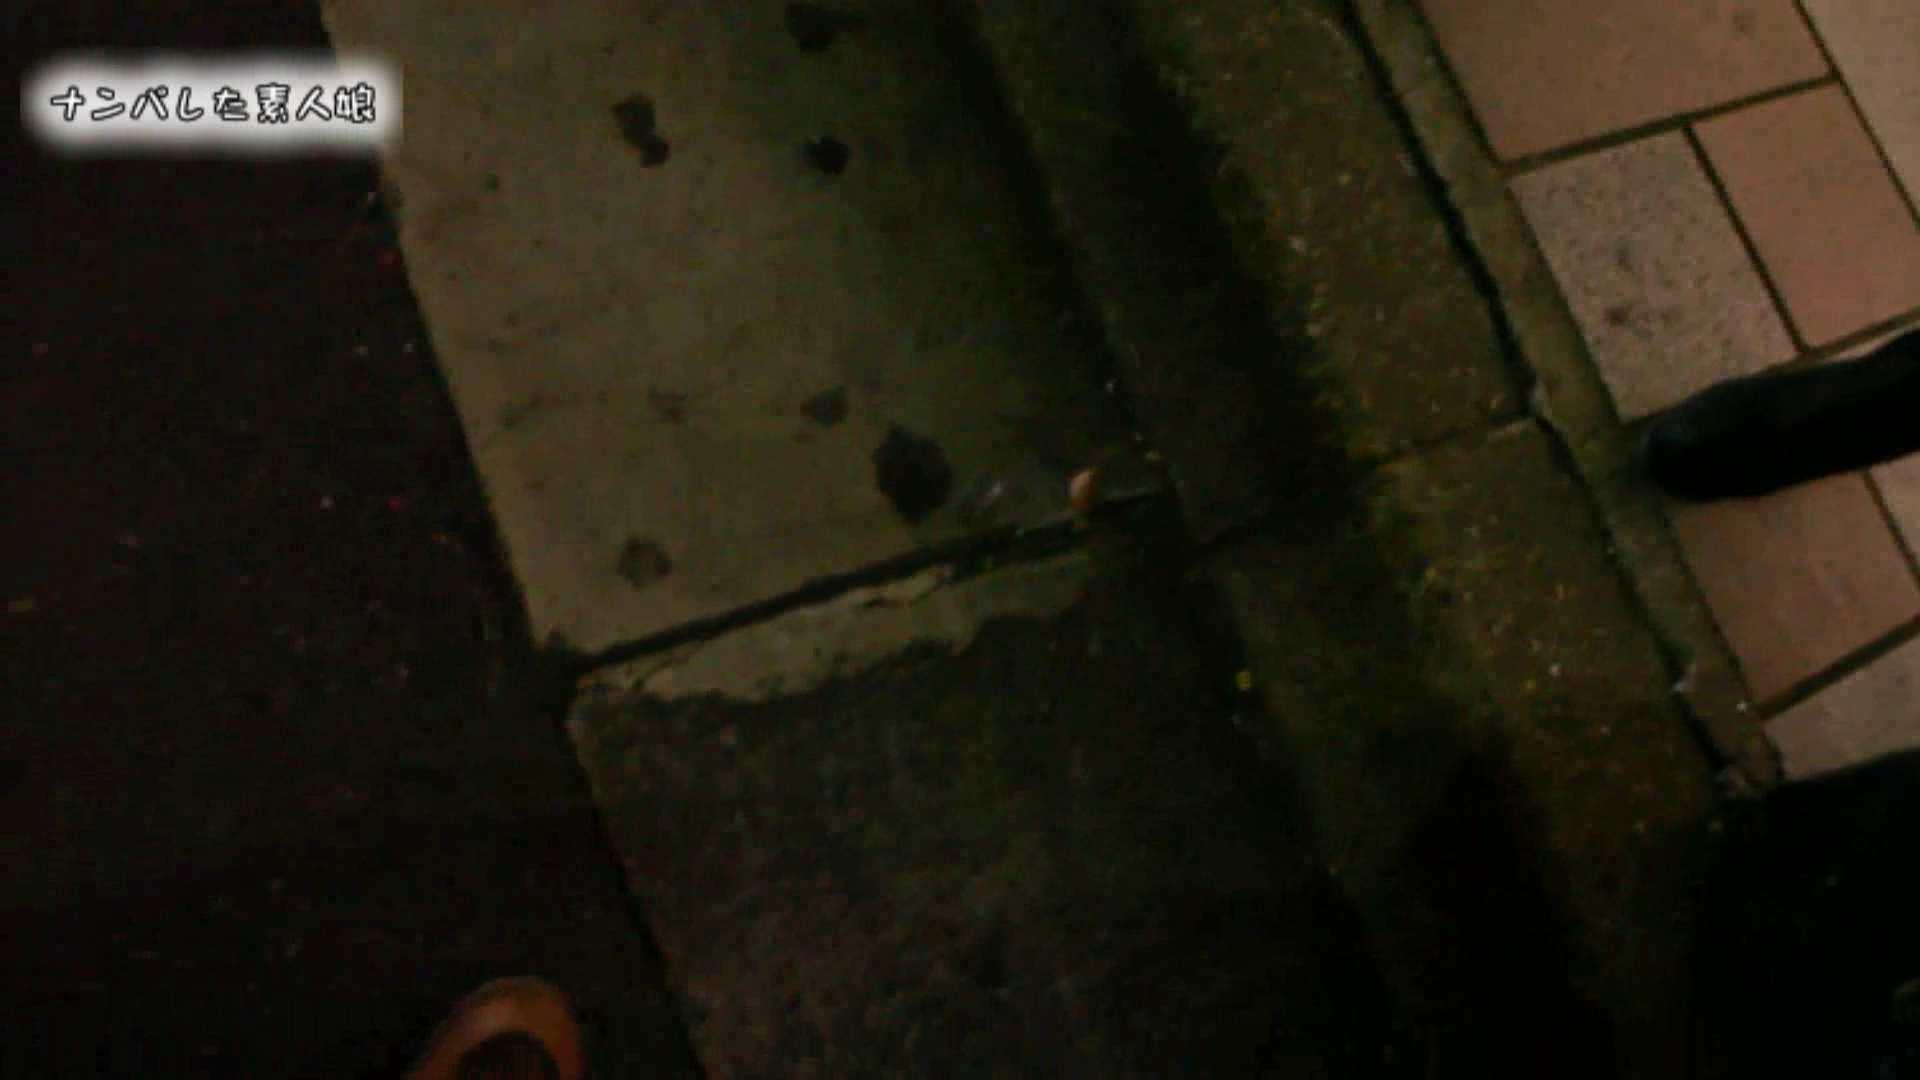 電魔王さんの「隠撮の部屋」アイカ 巨乳女子  62pic 8